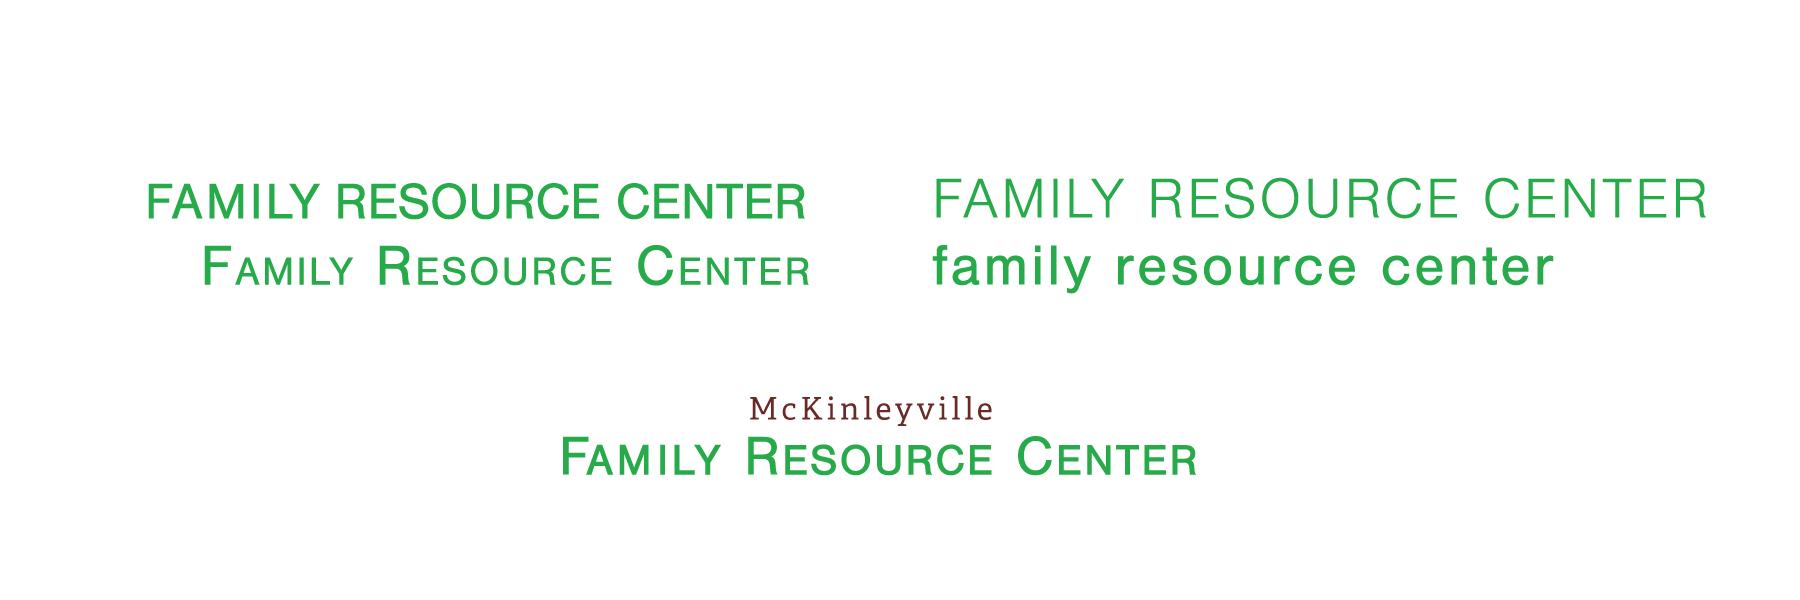 McKinleyville Family Resource Center typography